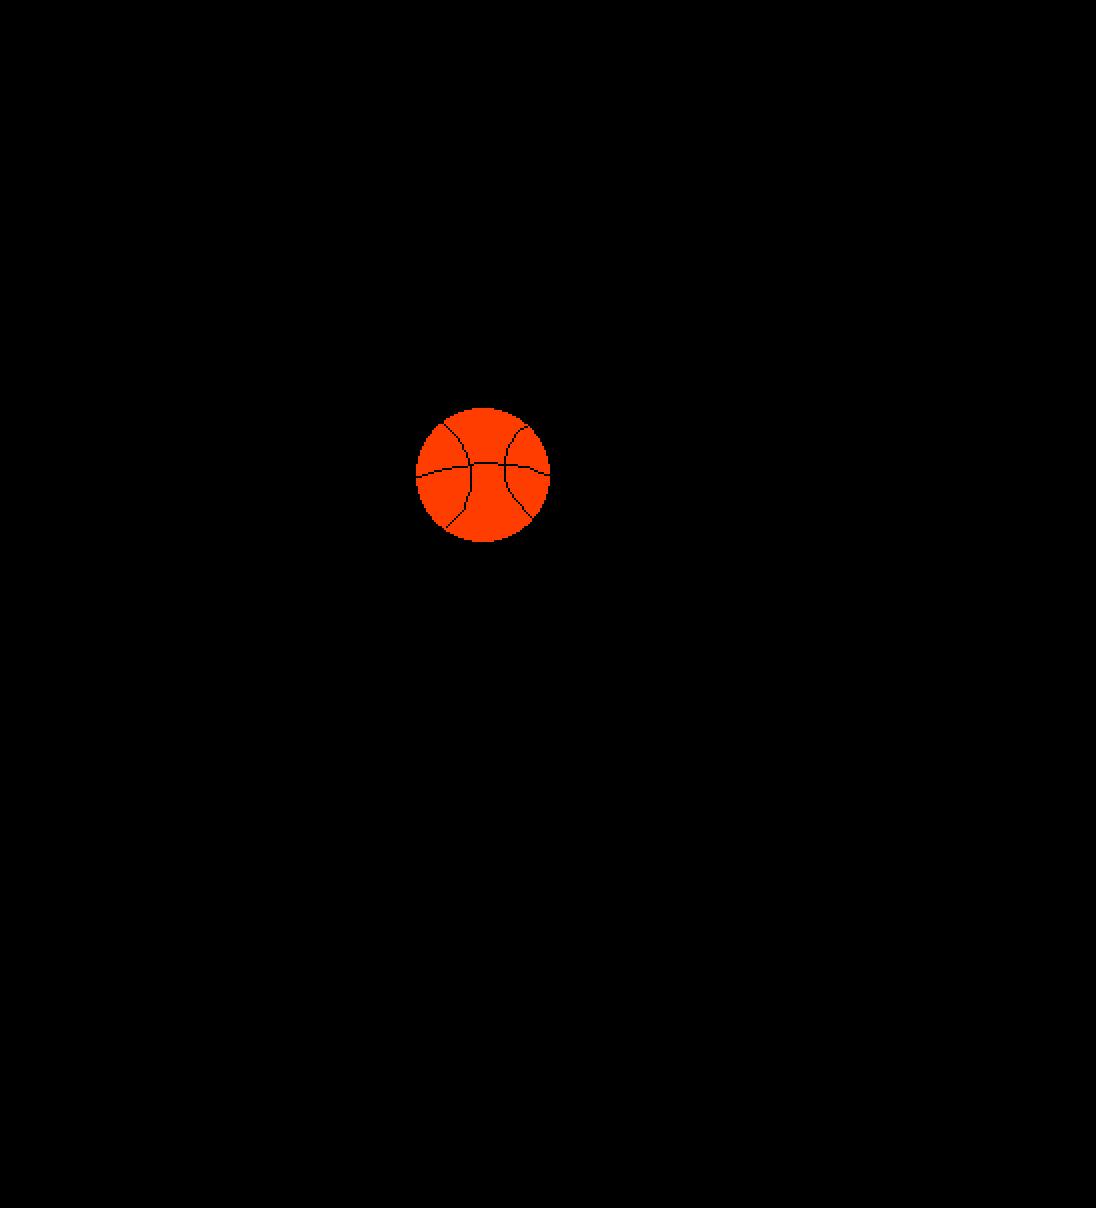 ball by deadinside1